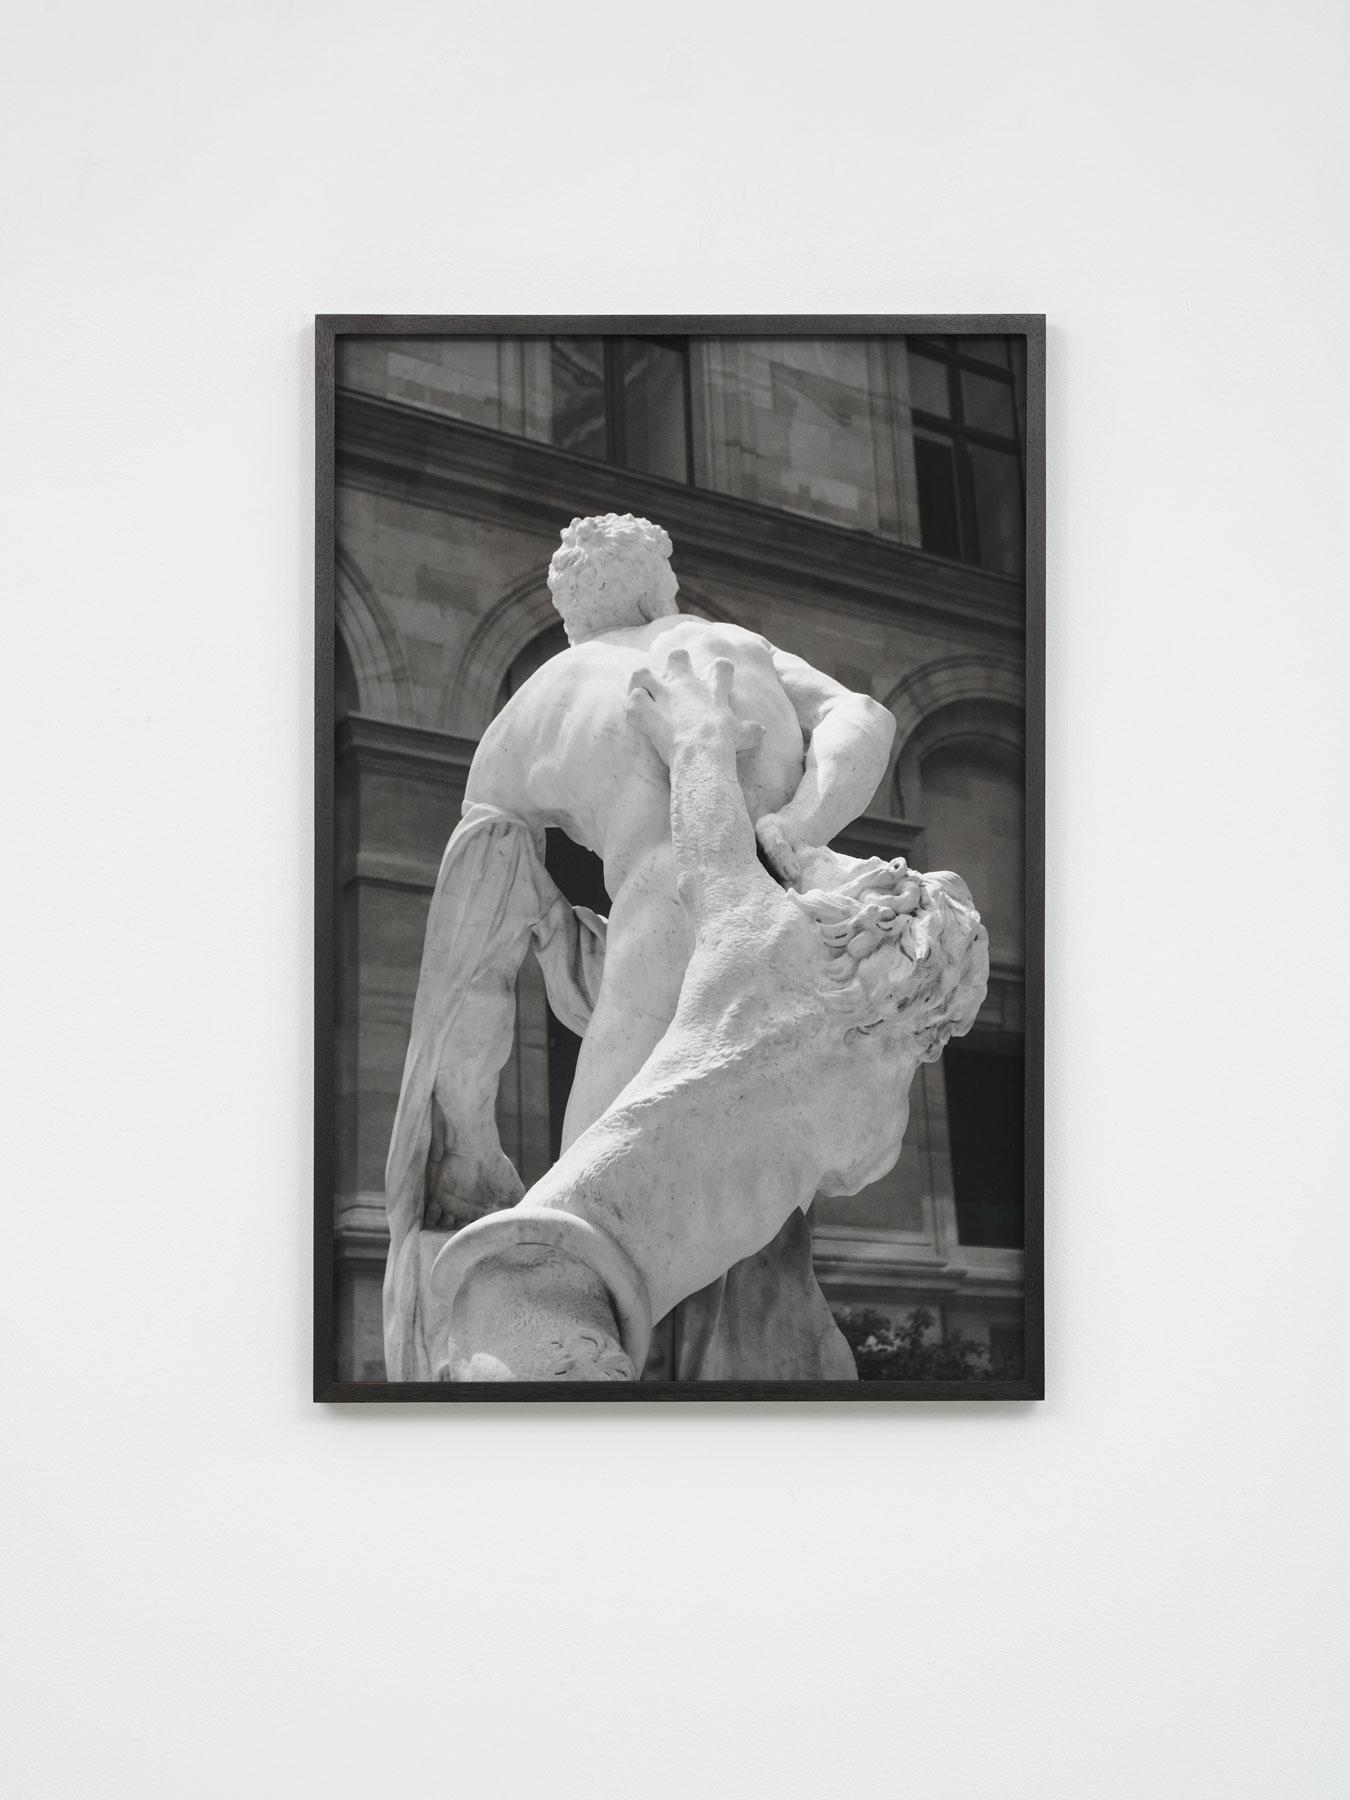 von-allen-seiten_Karweick_Moritz_Puget-Milot-of-Crotona-Paris_2021_05